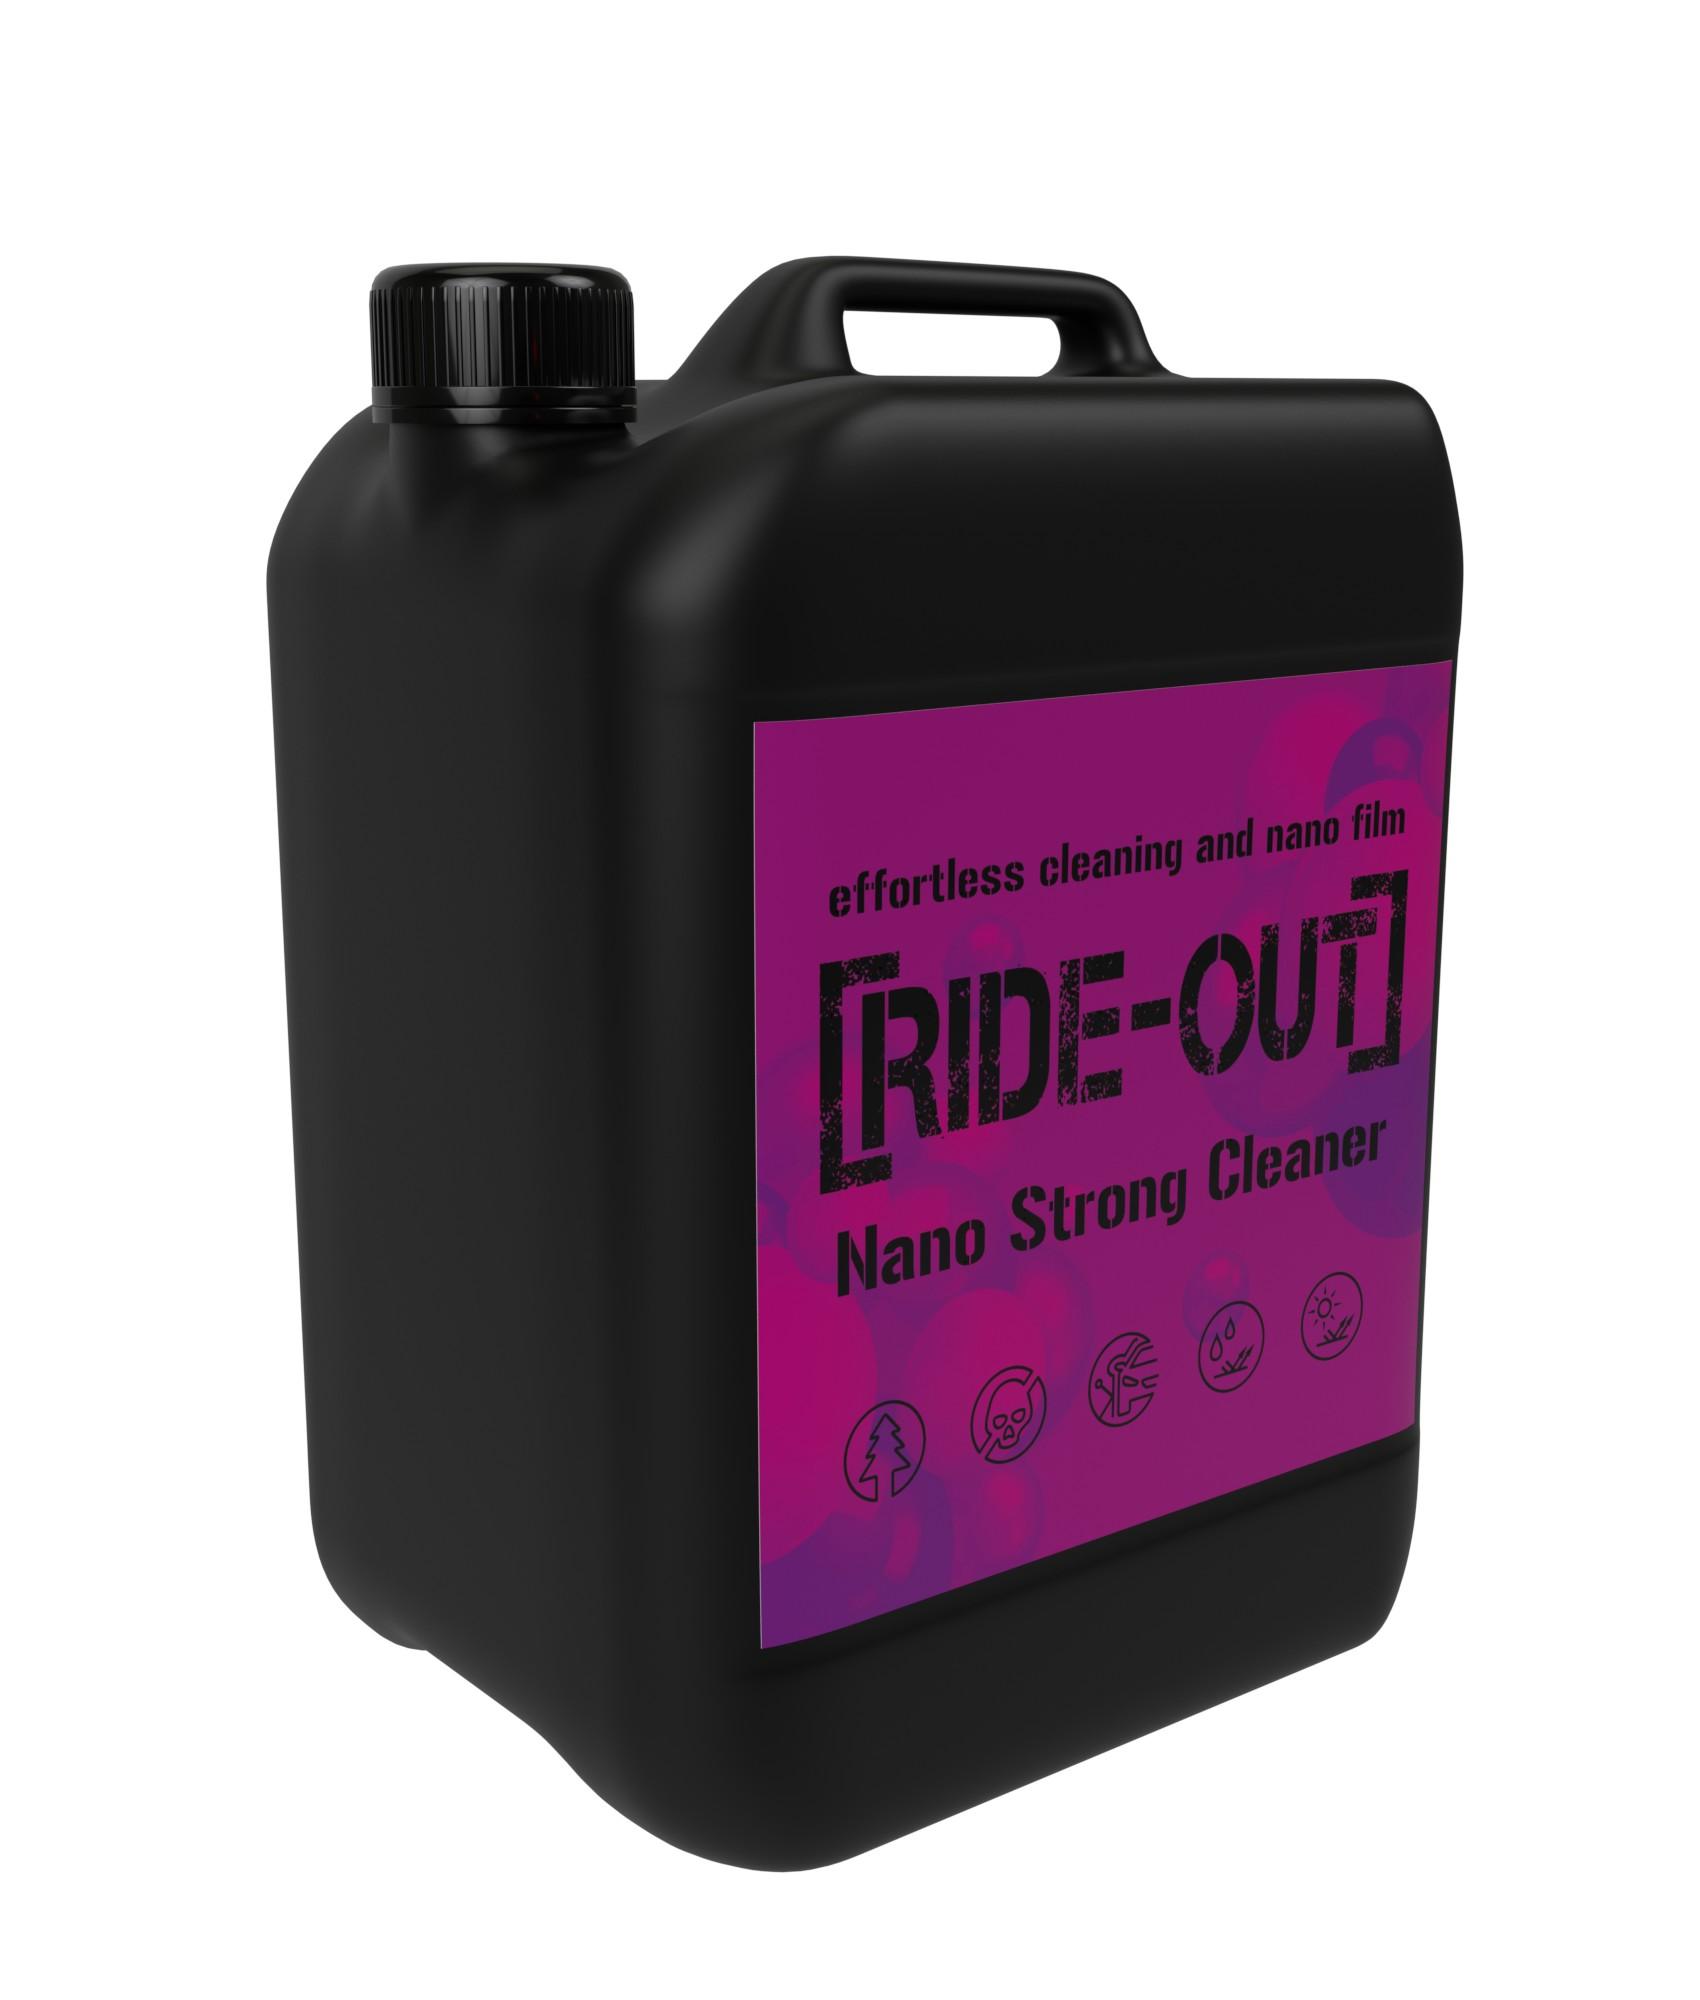 Čistič Nano Strong Cleaner 5 L Akce 1+1 ZDARMA